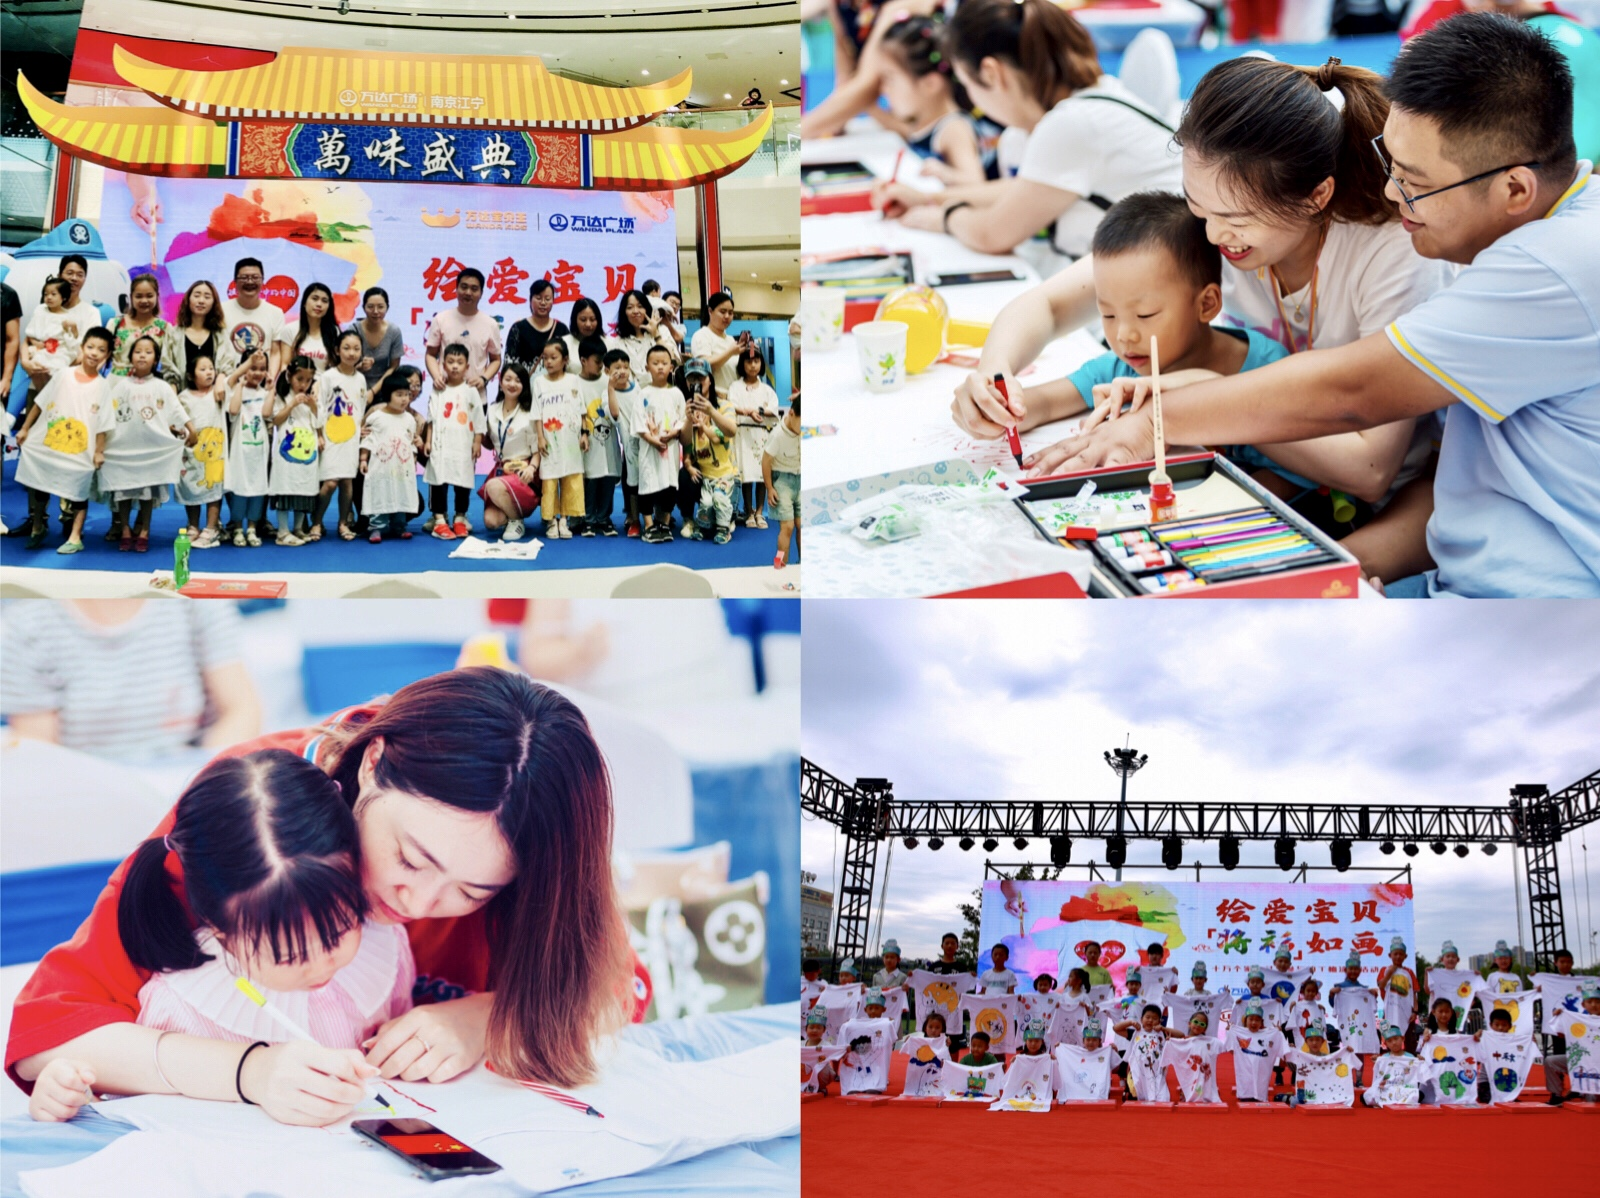 万达宝贝王乐园系列中秋活动超10万家庭参与